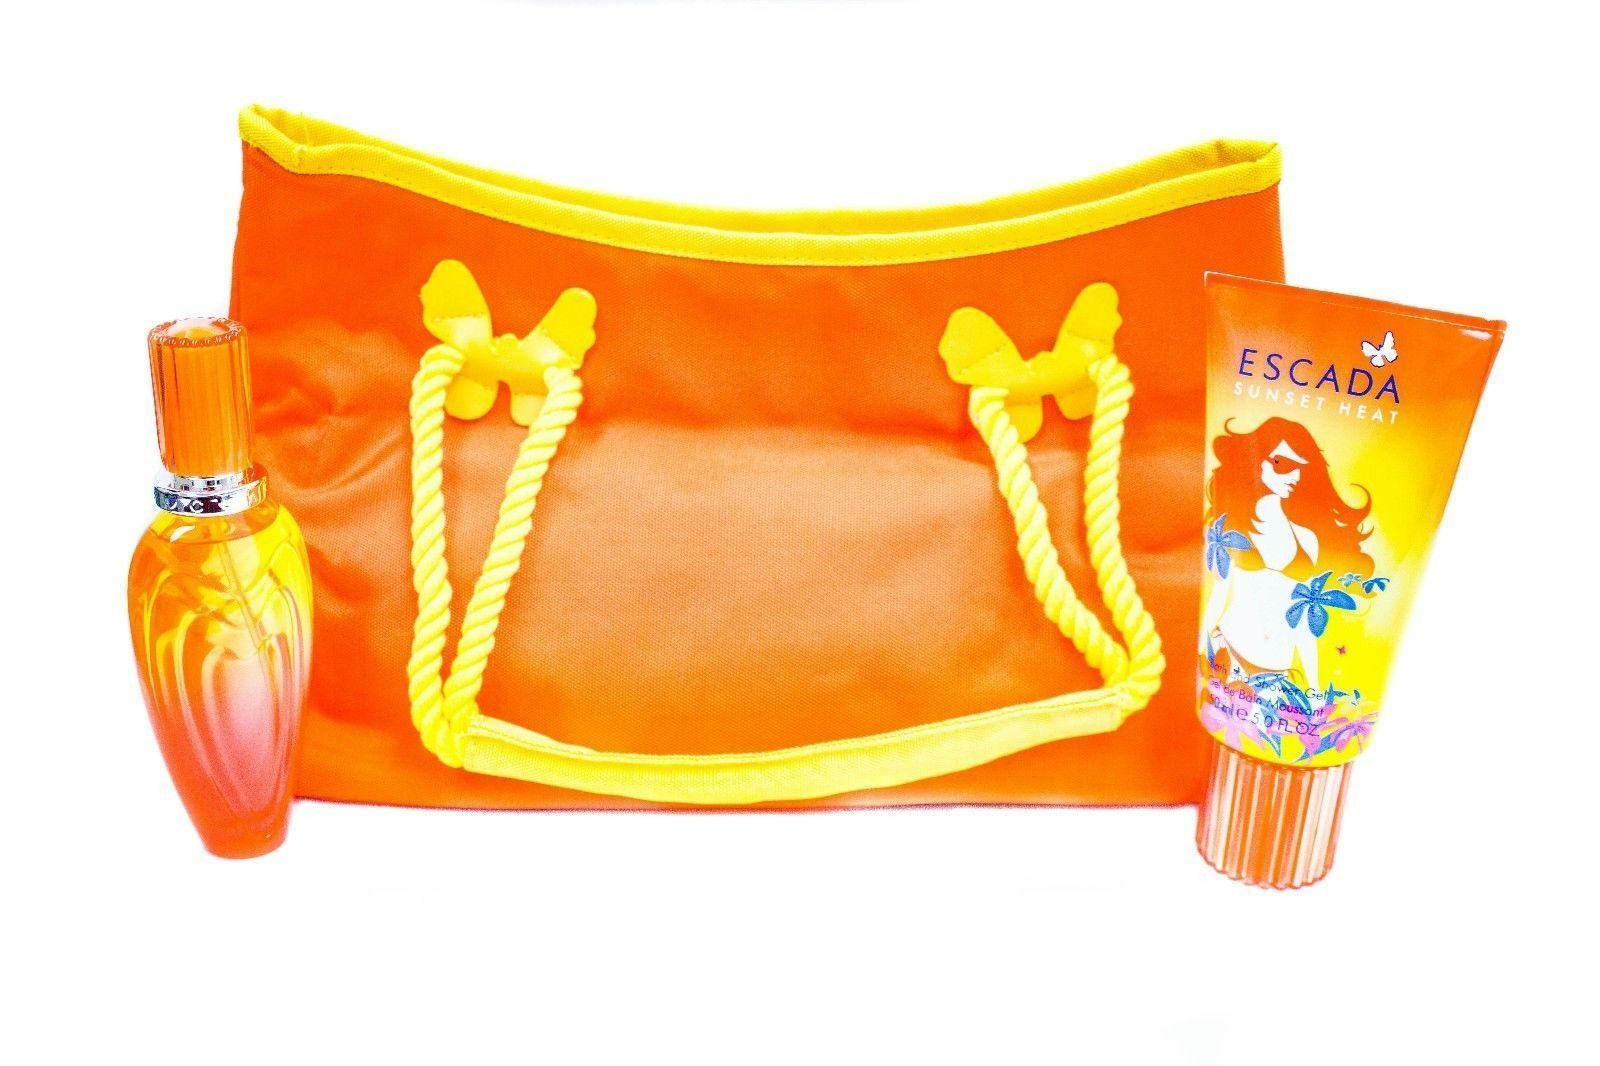 Aaaaaaaaaescada sunset heat 1.6 oz beach bag gift set